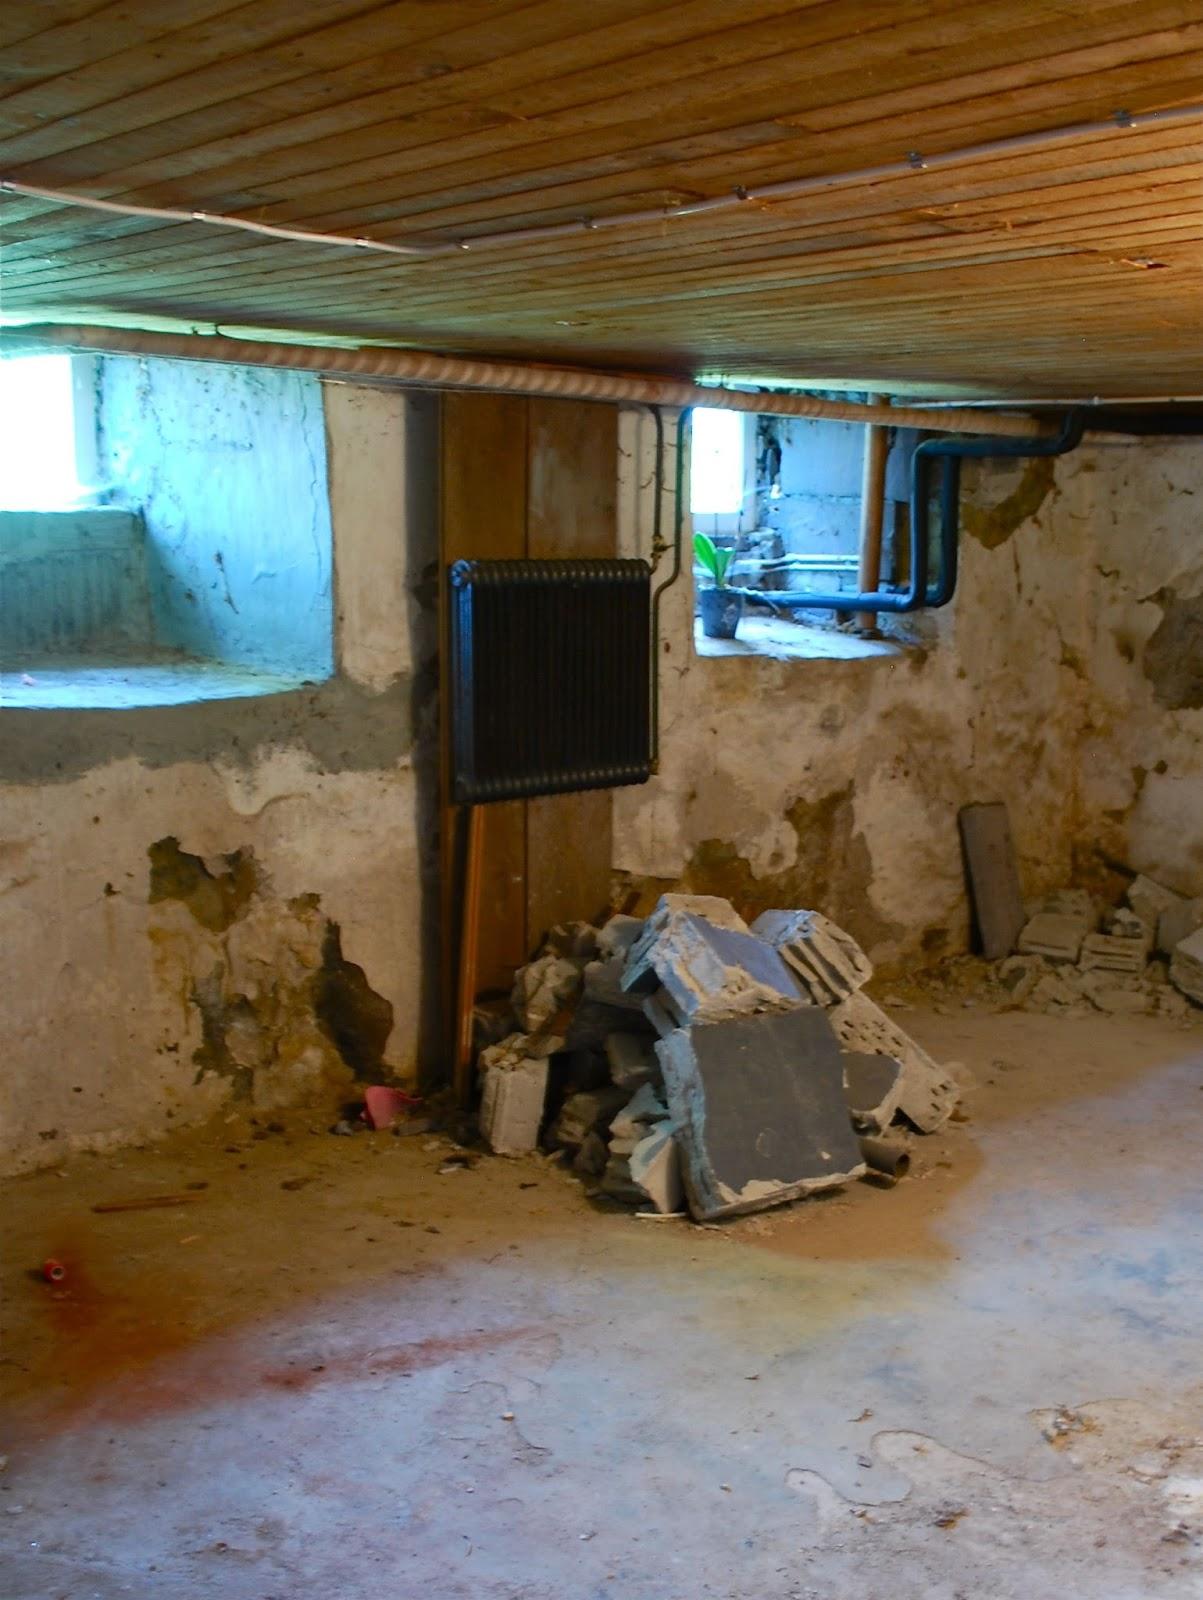 Fröken gröns blogg: då går jag ner i min källare